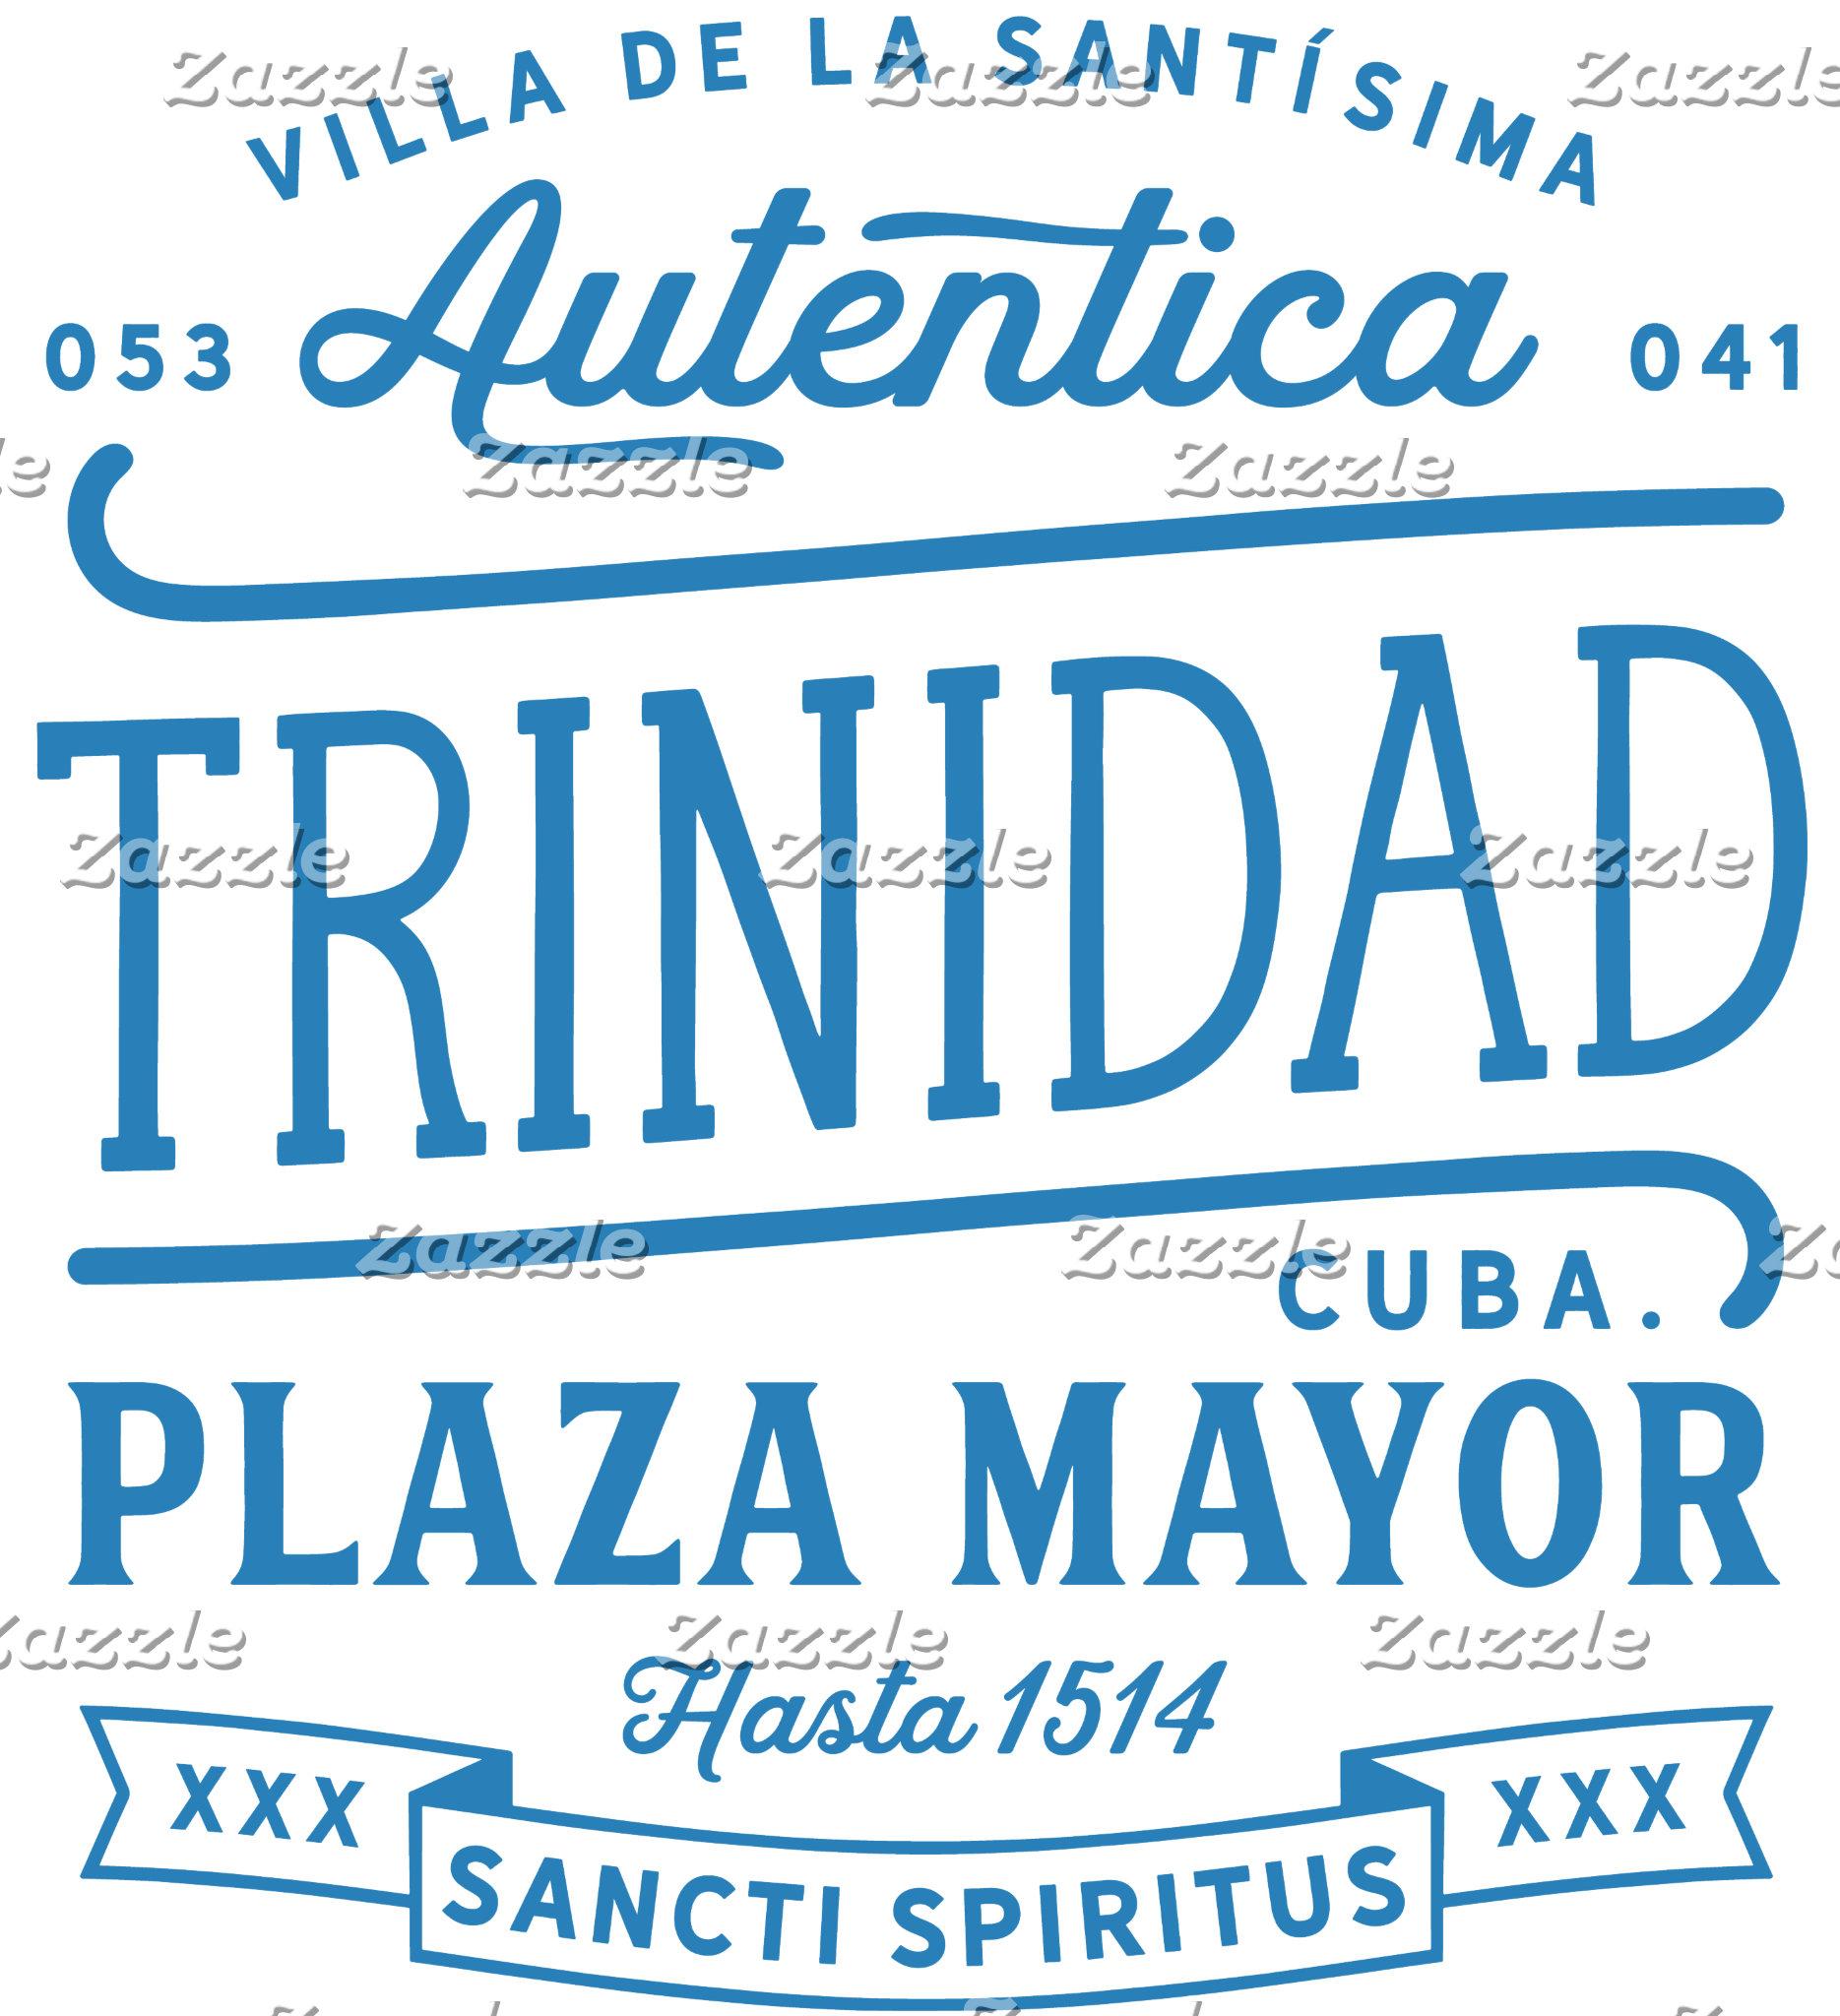 Trinidad Cuba Autentica Logo Badge